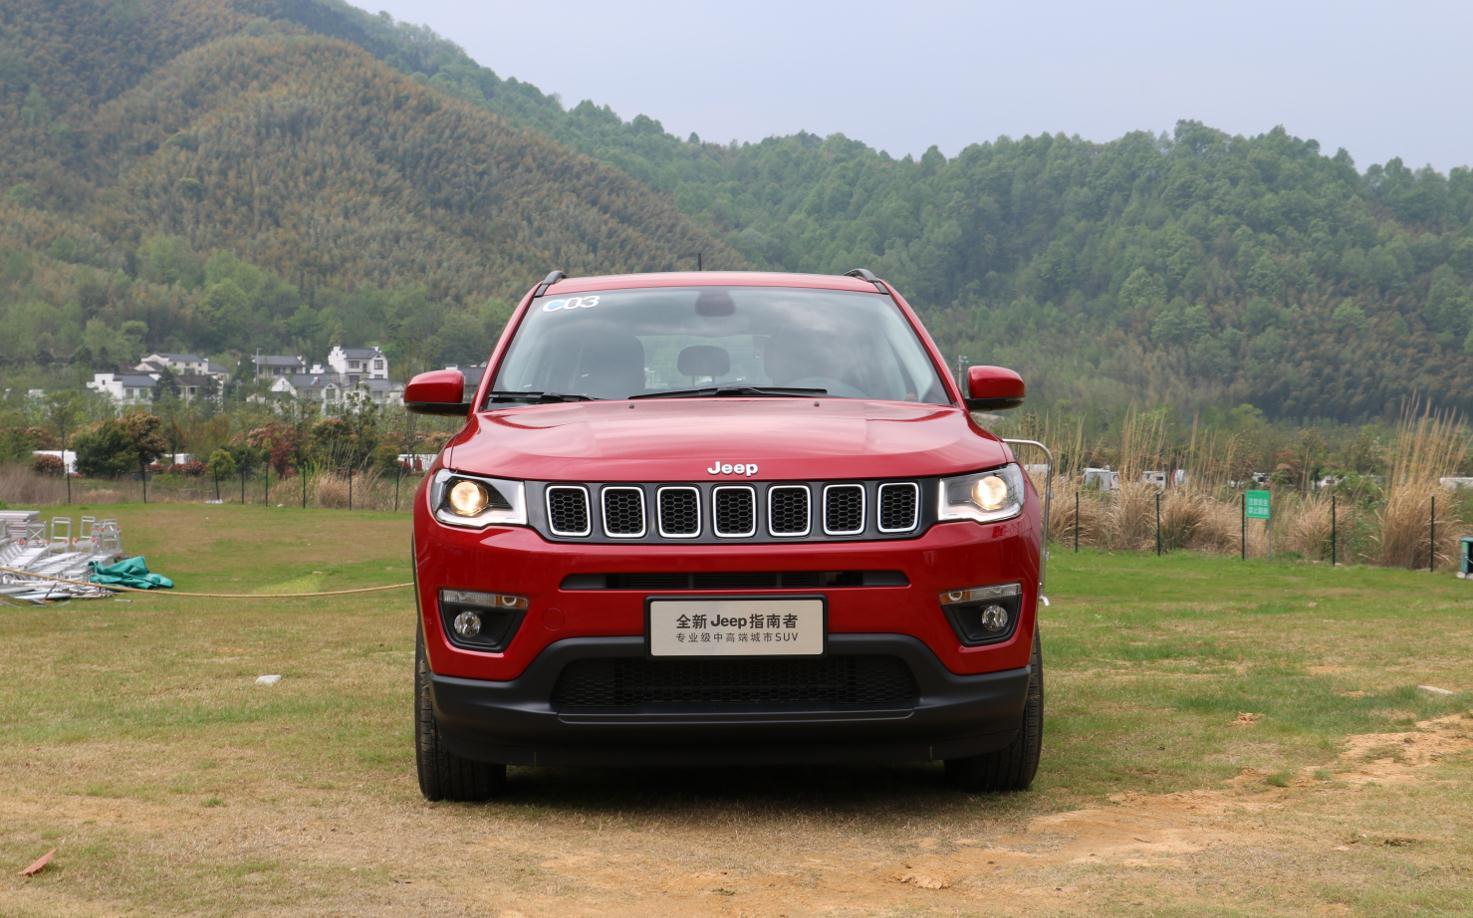 售15.58万-22.98万元 全新Jeep指南者正式上市